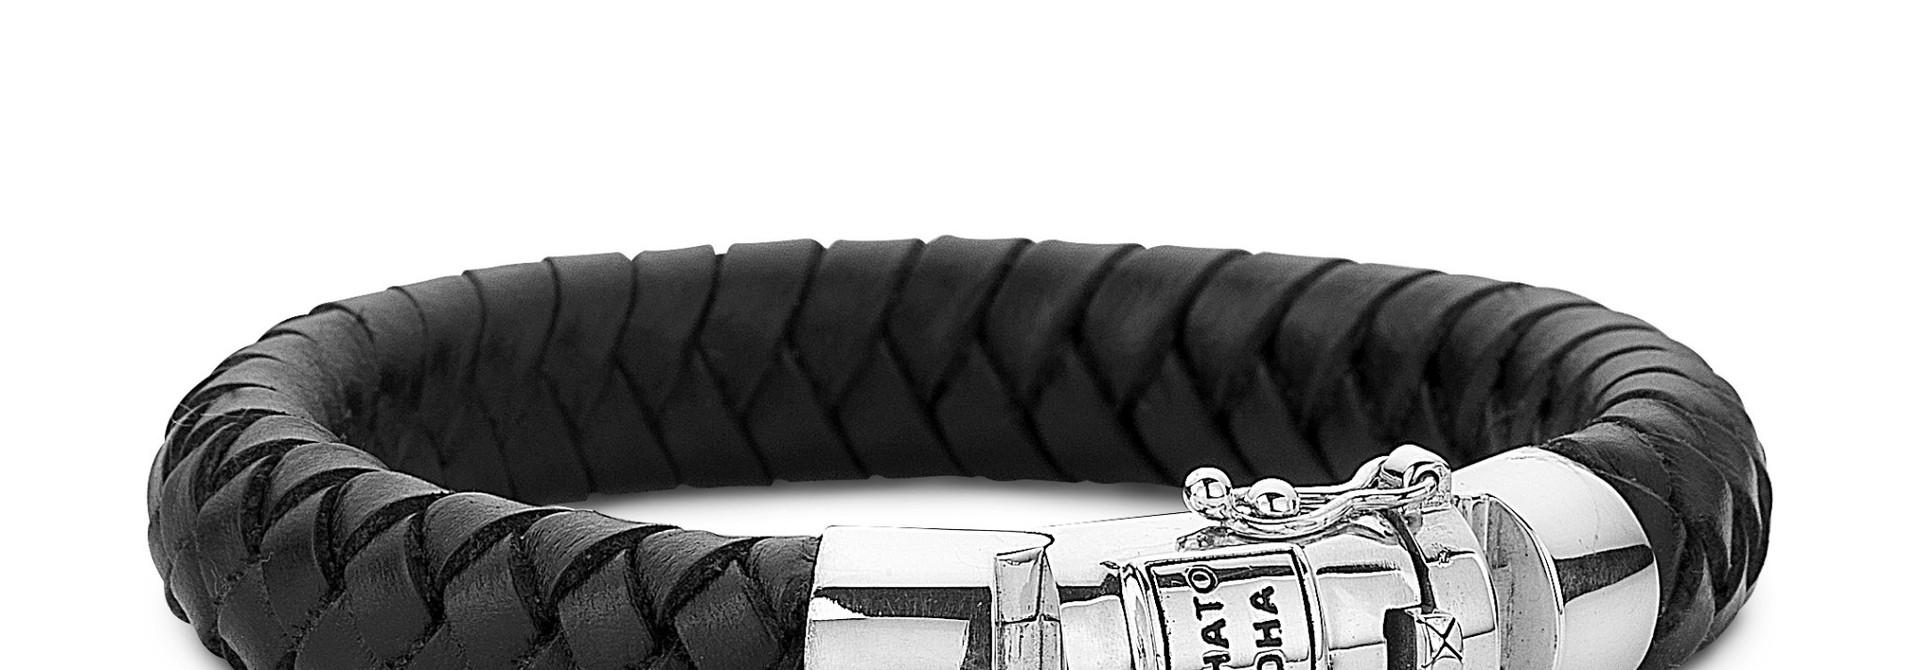 Ben Leather Bracelet Black